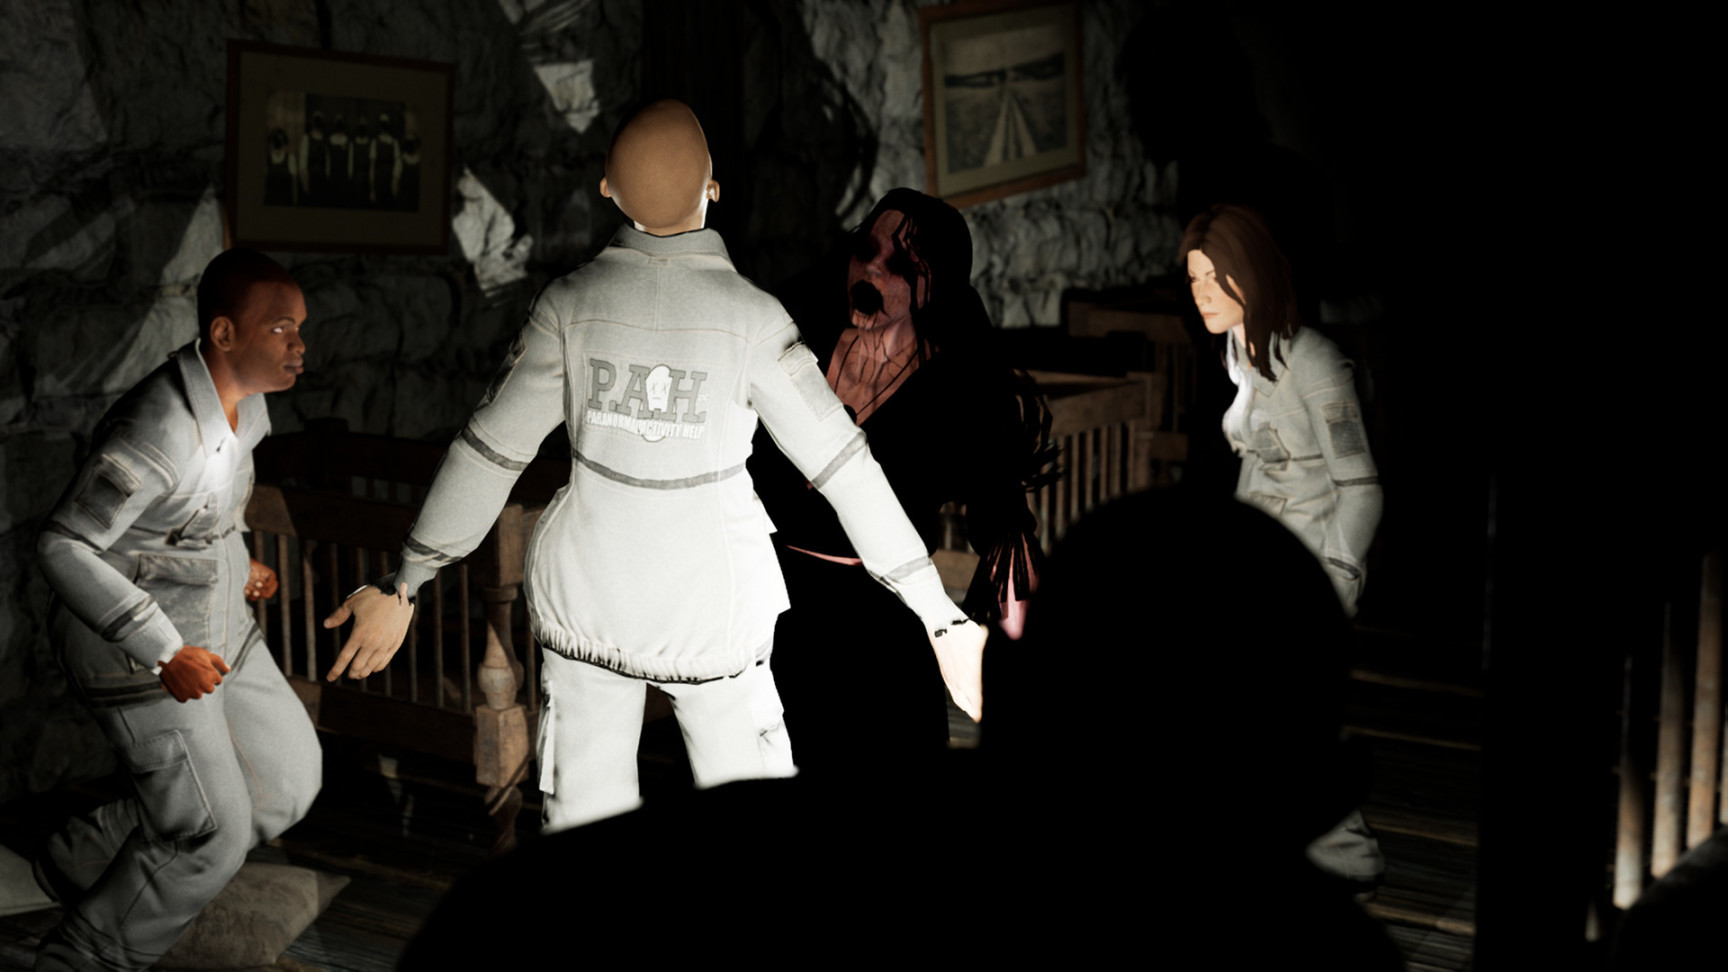 《steam恐怖游戏联机推荐》:与朋友一起探索未知的黑暗吧!插图1